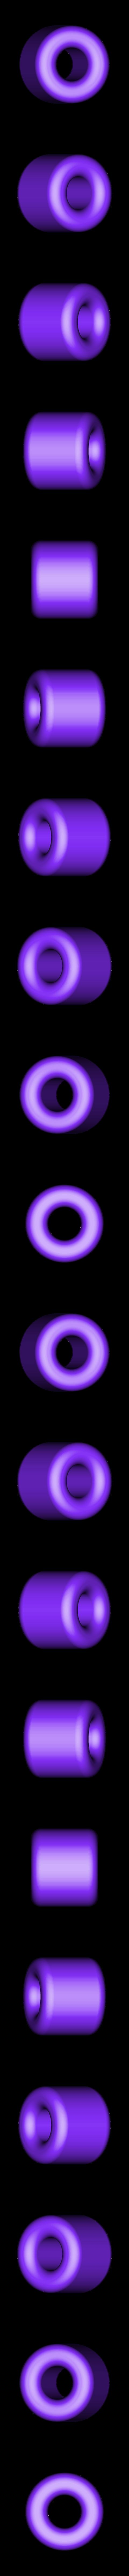 79e802a0 c61a 4b0a 8df6 b49db281082a